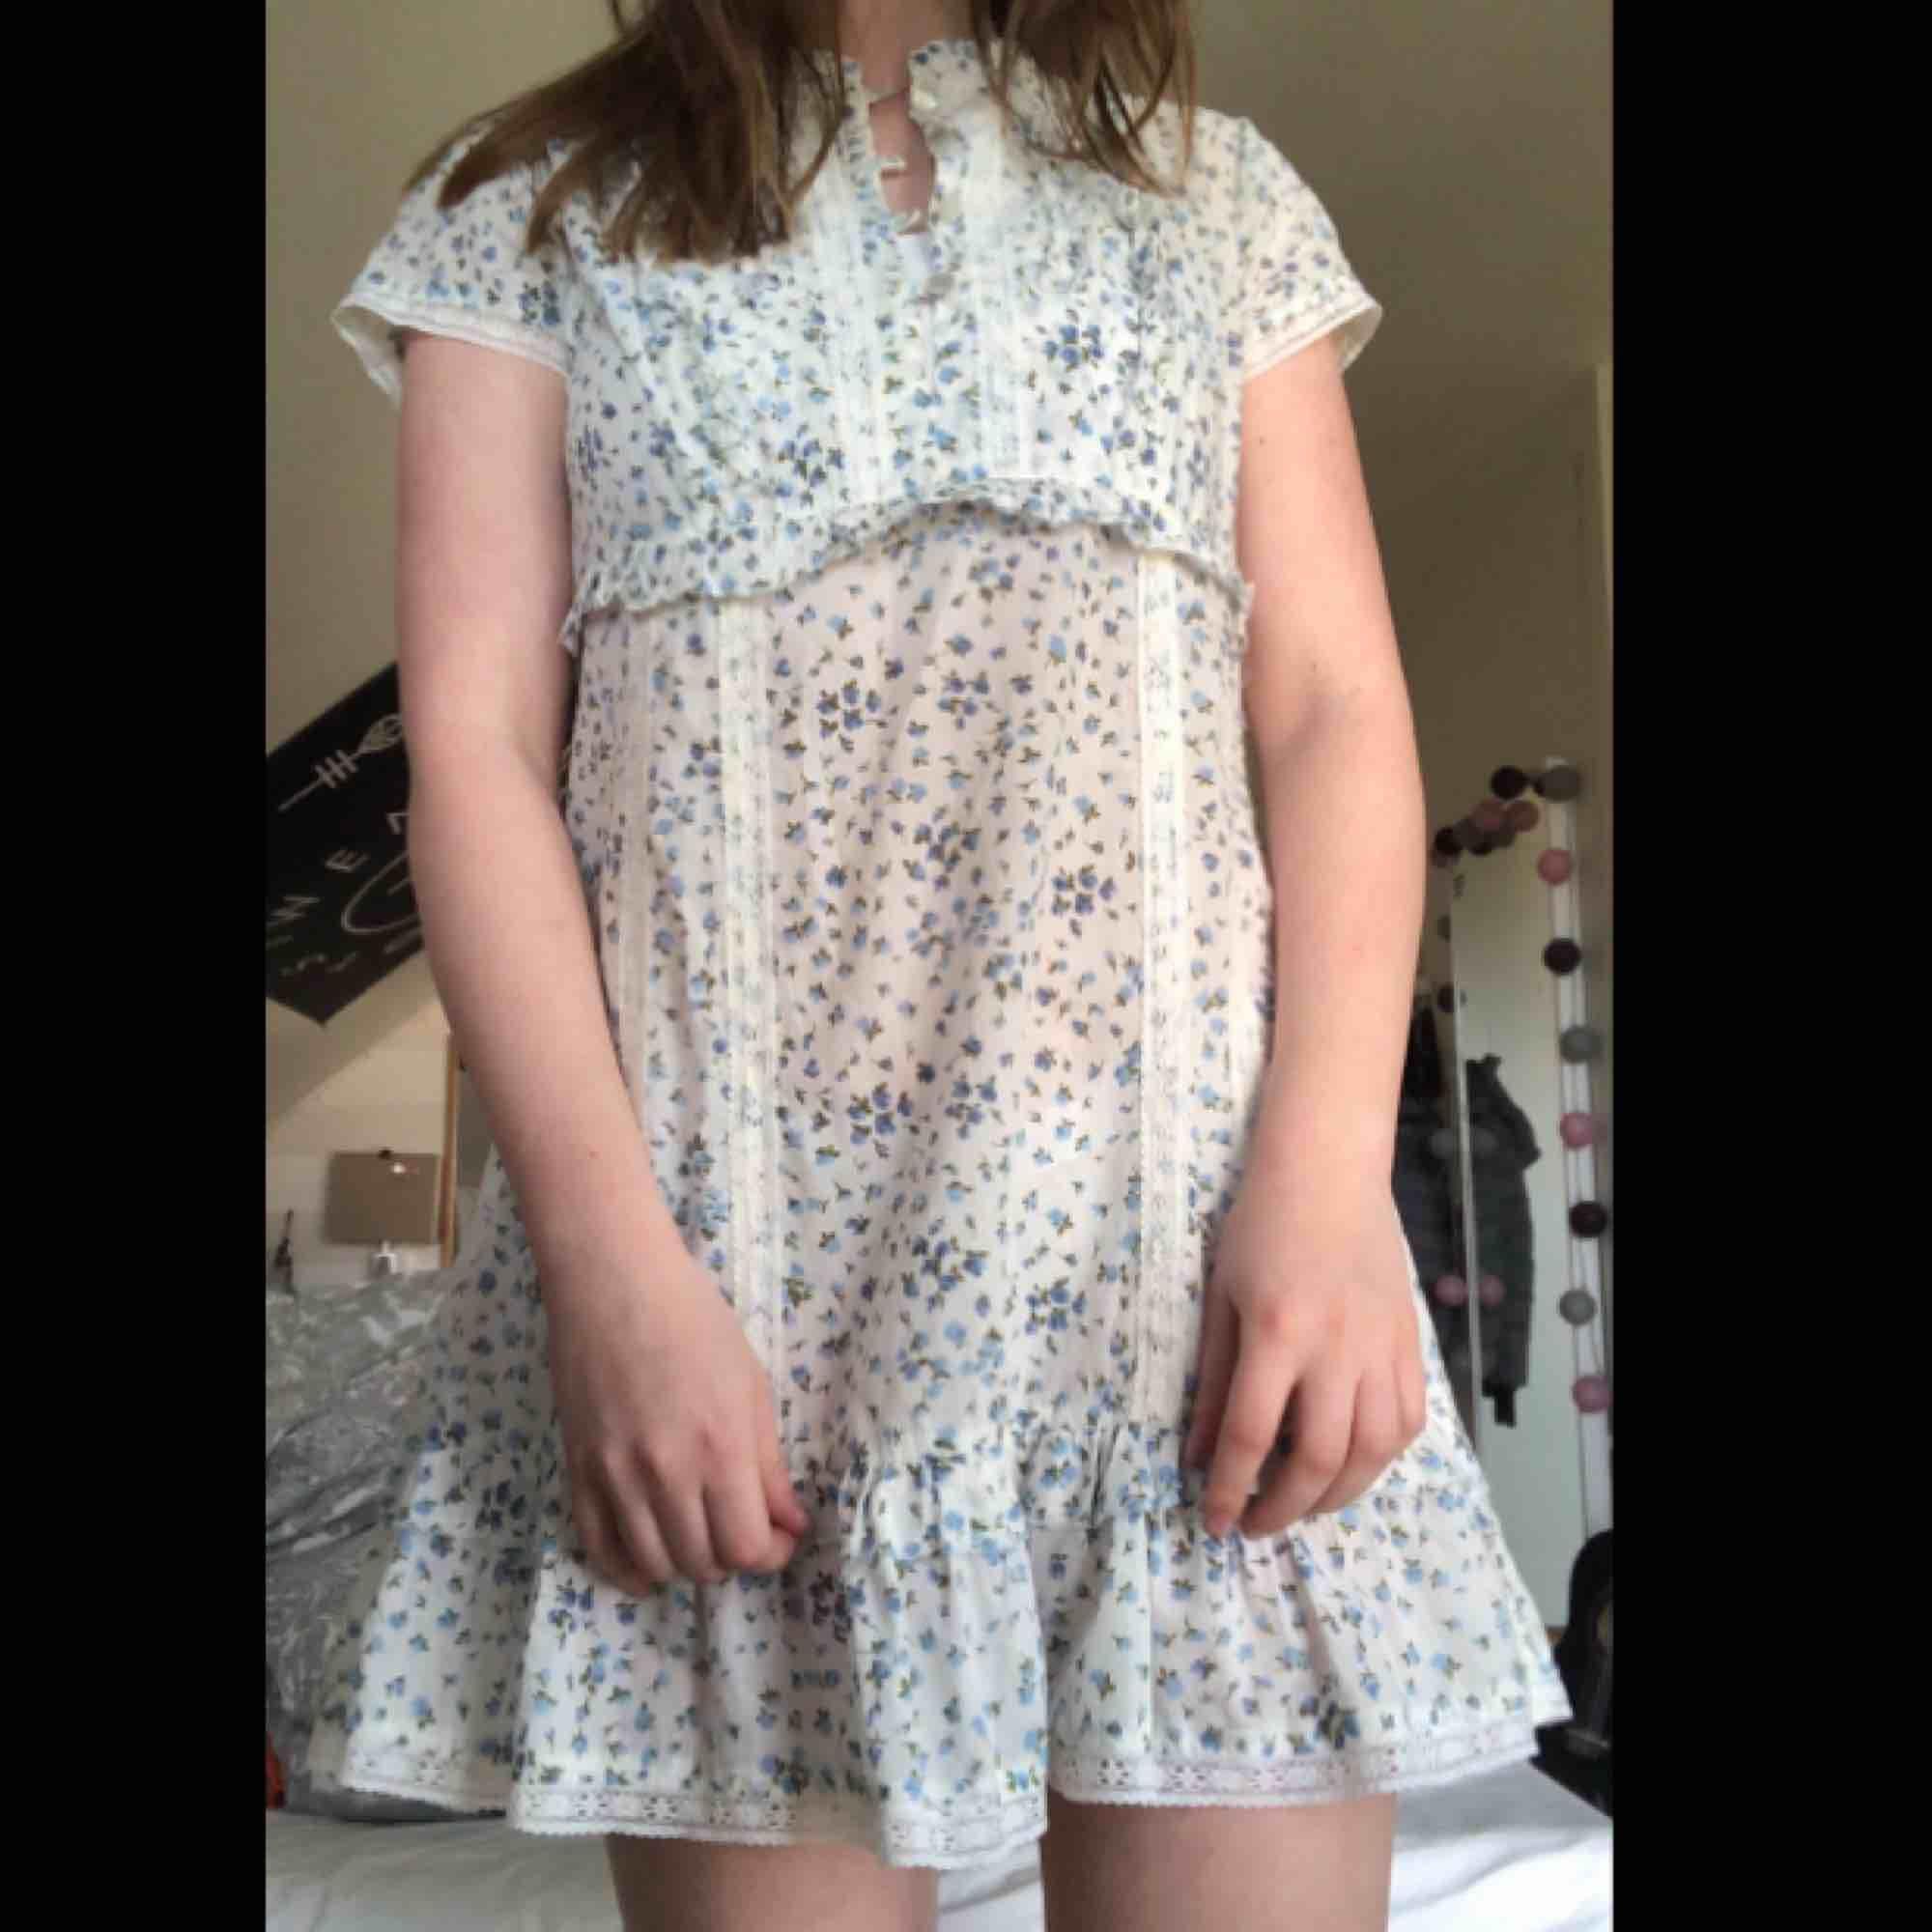 Sötaste klänningen ifrån Ellos med små blåa blommor. Kragen kan vikas på två olika sätt (se bild 3). Står att det är en 40 men den sitter perfekt på mig som är en S/XS. Den är hyfsat kort och slutar mitt på låret på mig som är 166! Frakt: 25kr. Klänningar.